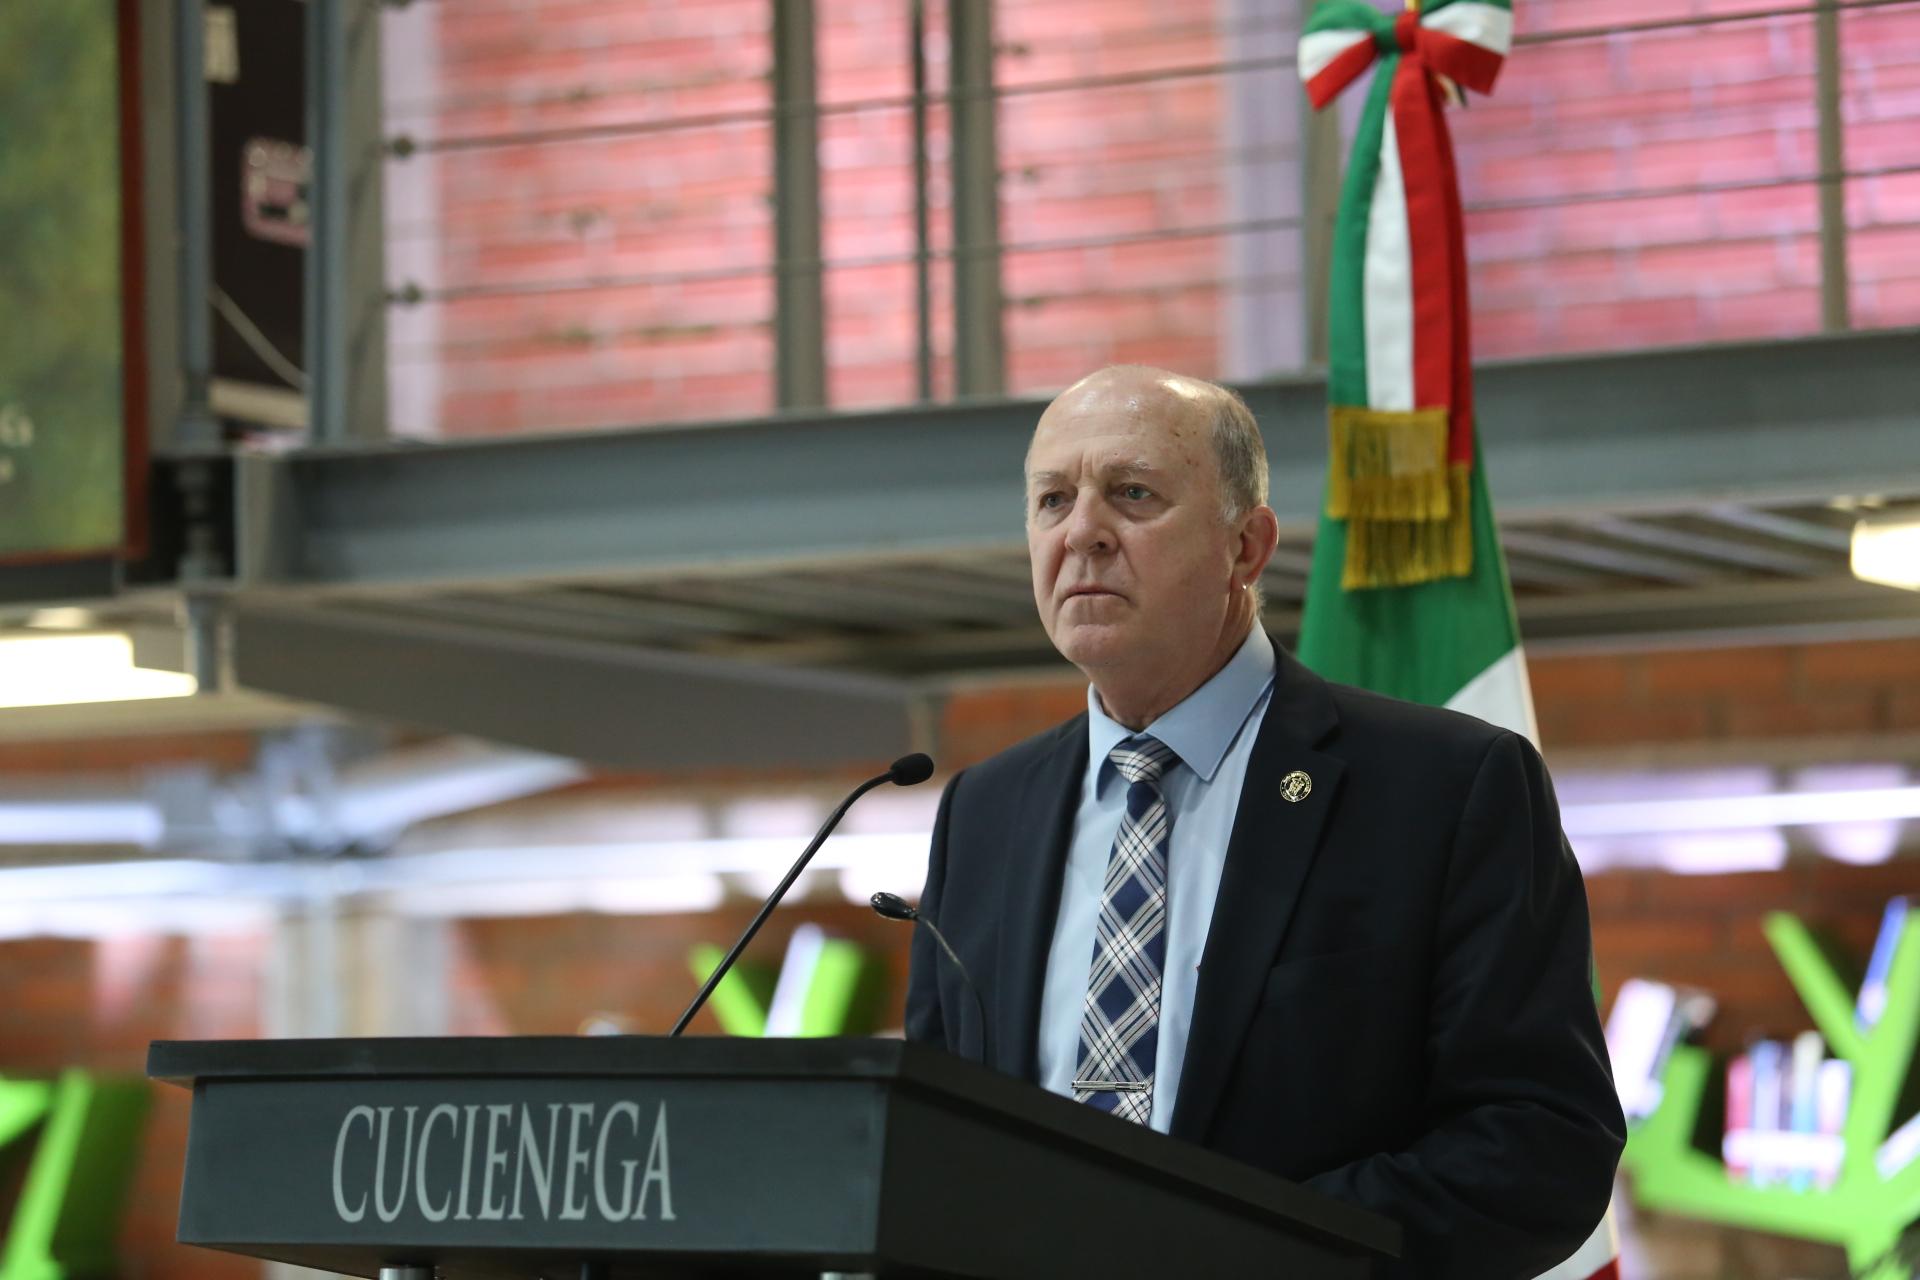 Miguel Ángel Navarro Navarro hablando al micrófono desde el podium del auditorio